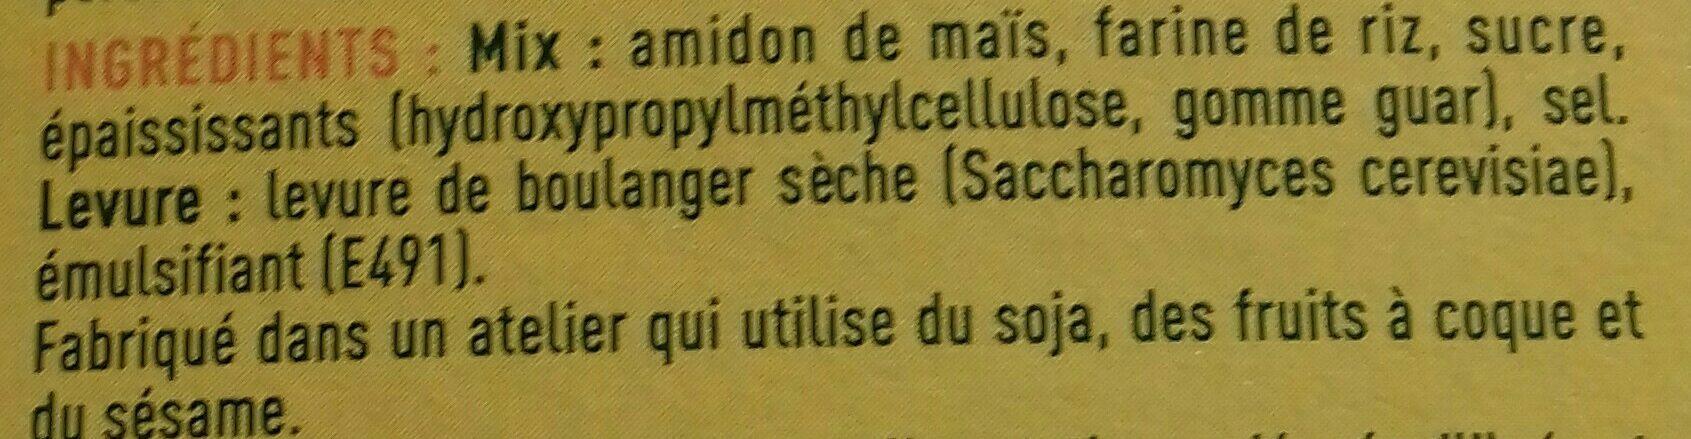 Mix Brioche - Ingrédients - fr